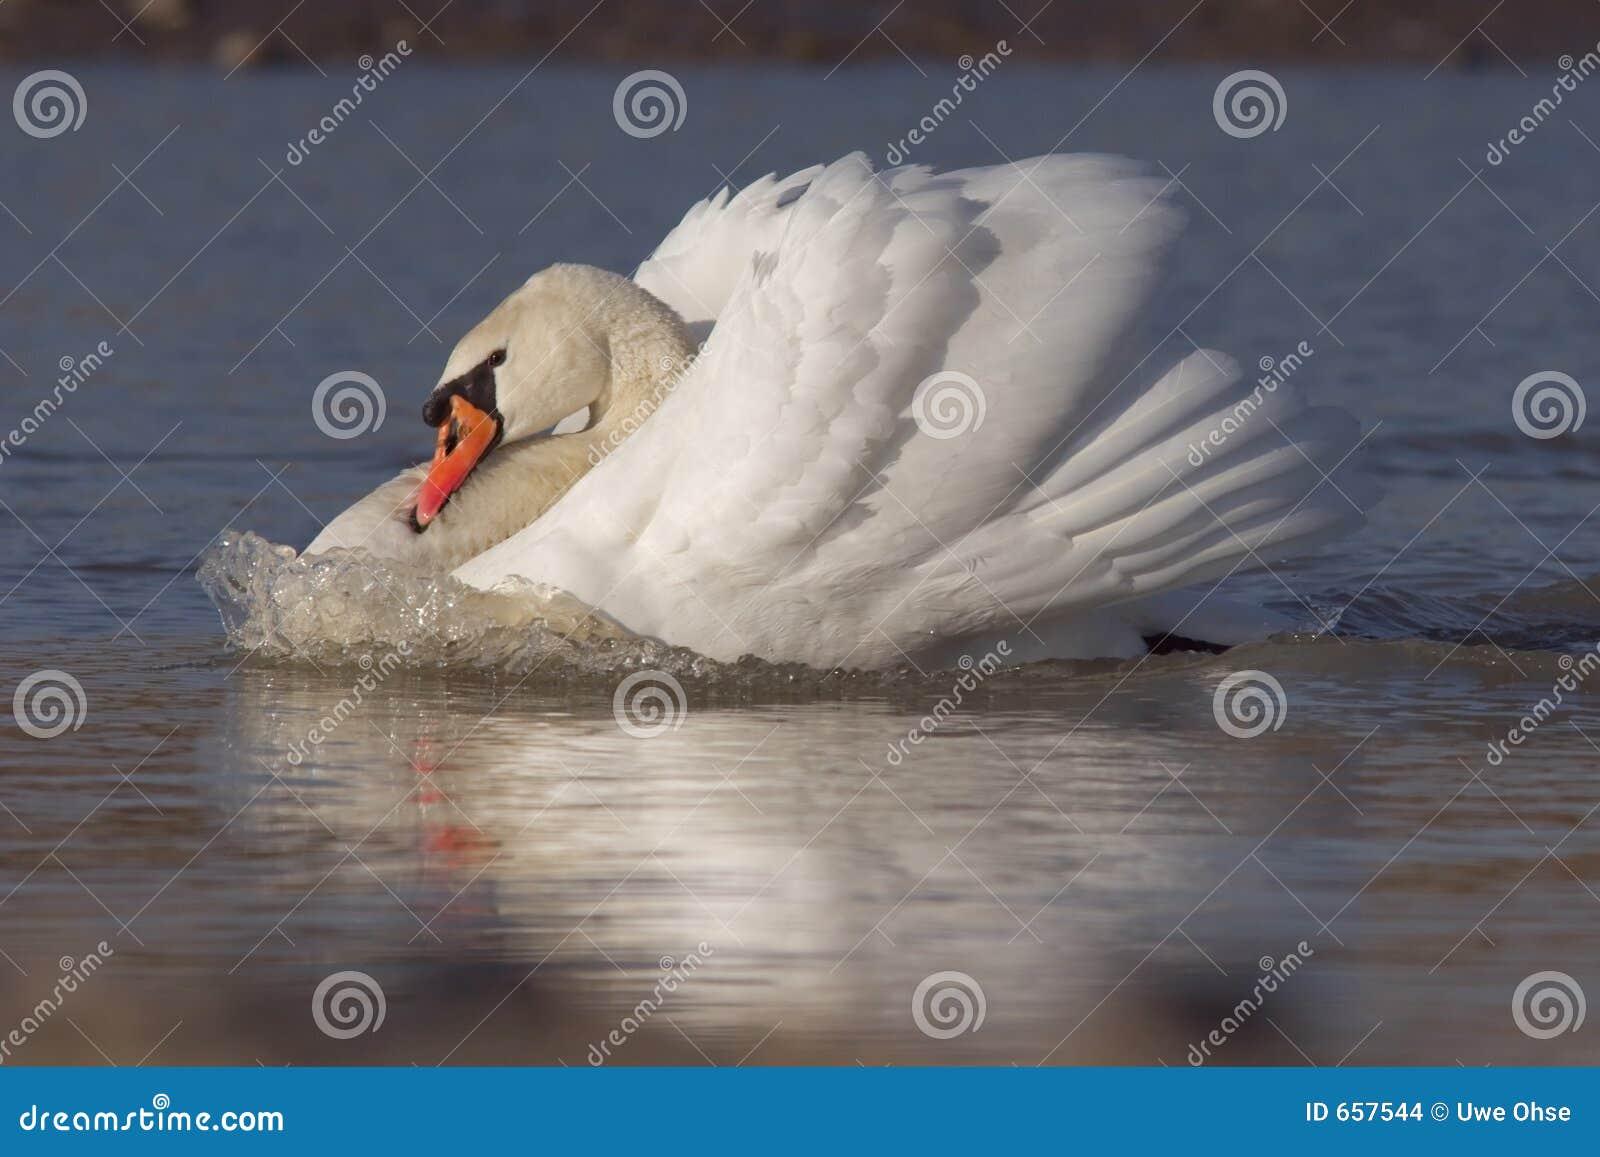 Cisne com onda de curva